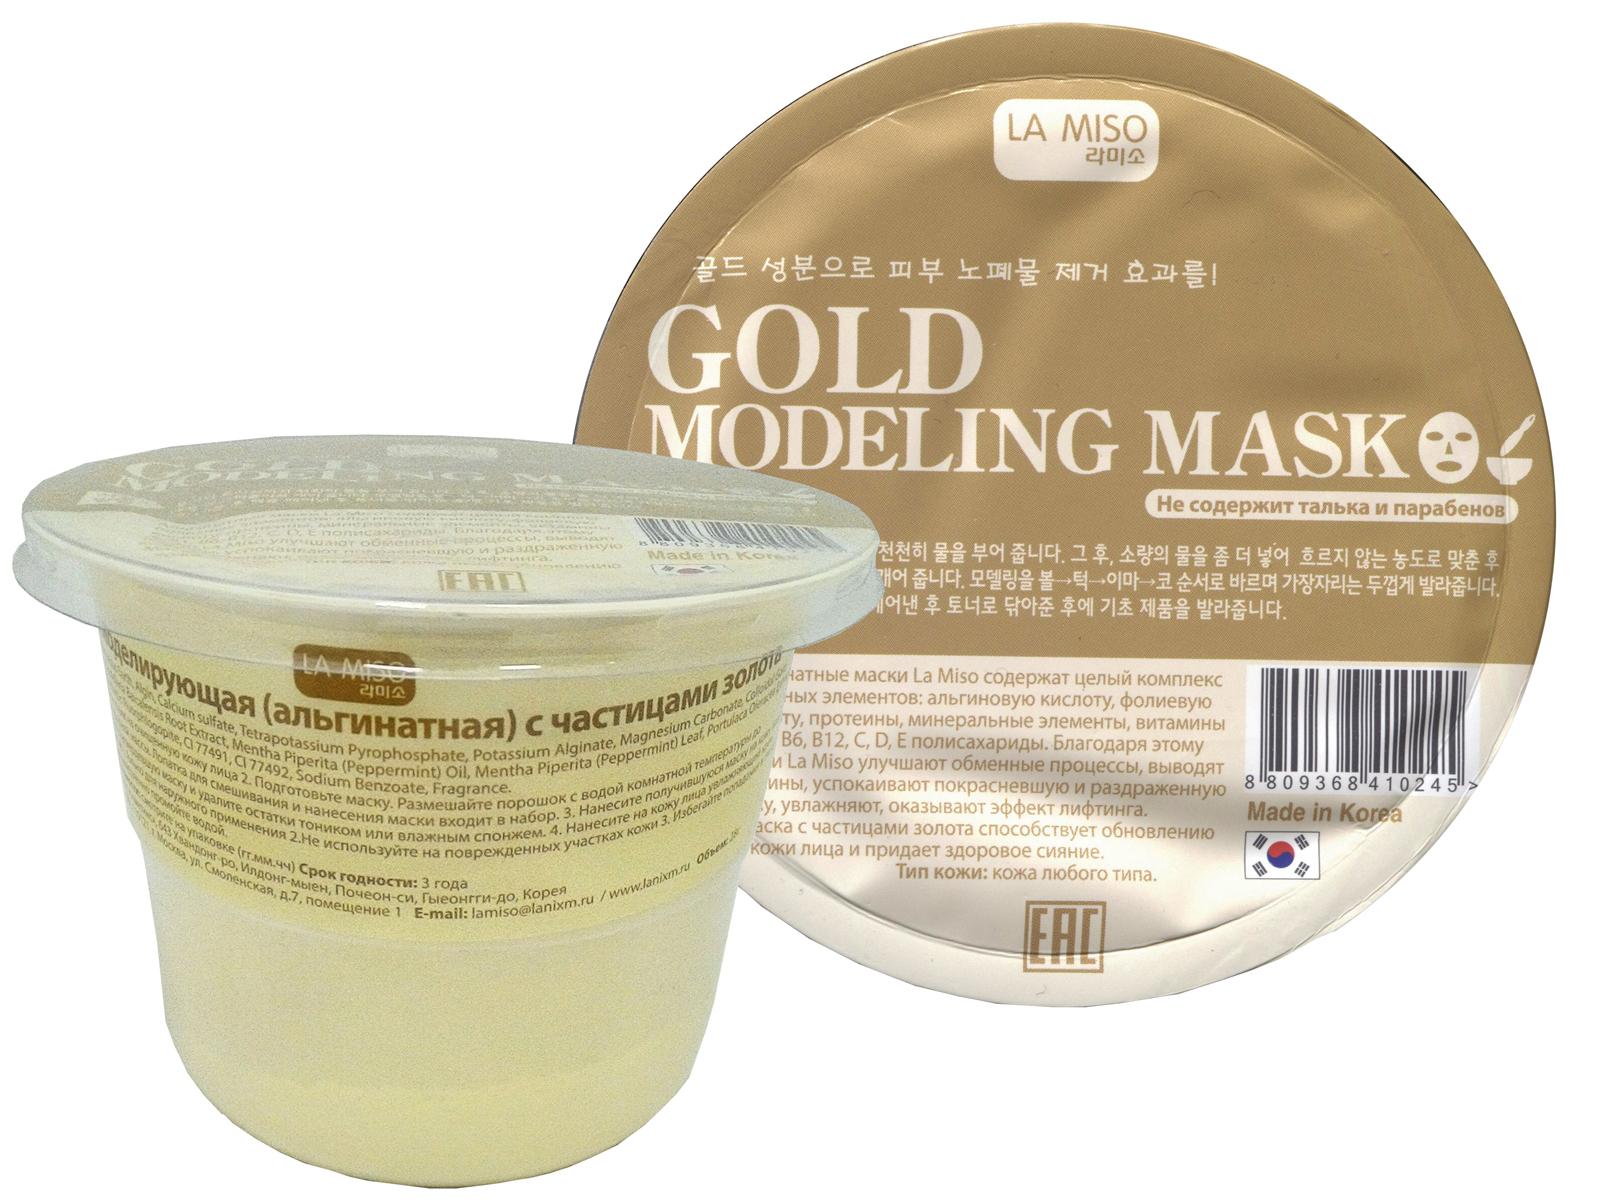 La Miso Маска моделирующая, альгинатная с частицами золота, 28 г